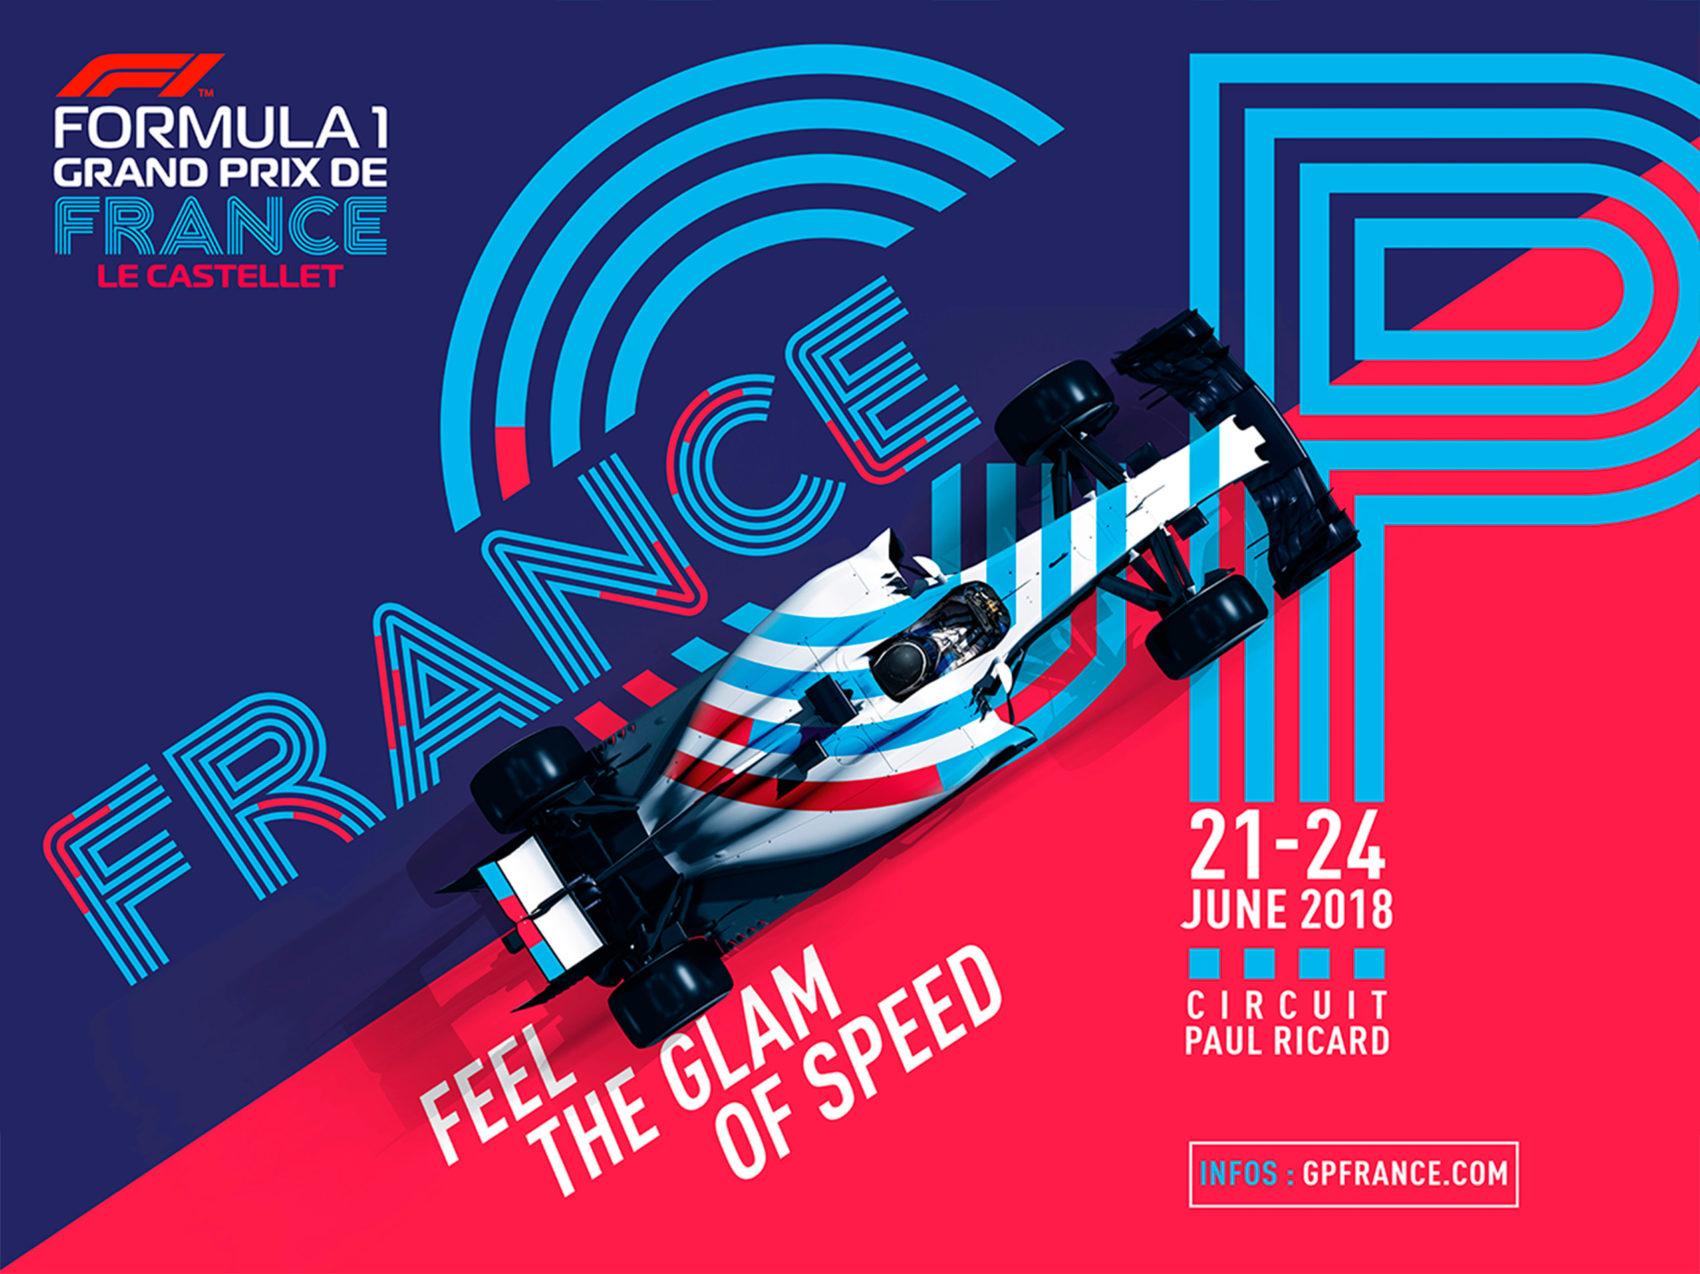 02_GP12018_GIP_Grand_Prix_de_France_Le_Castellet_F1